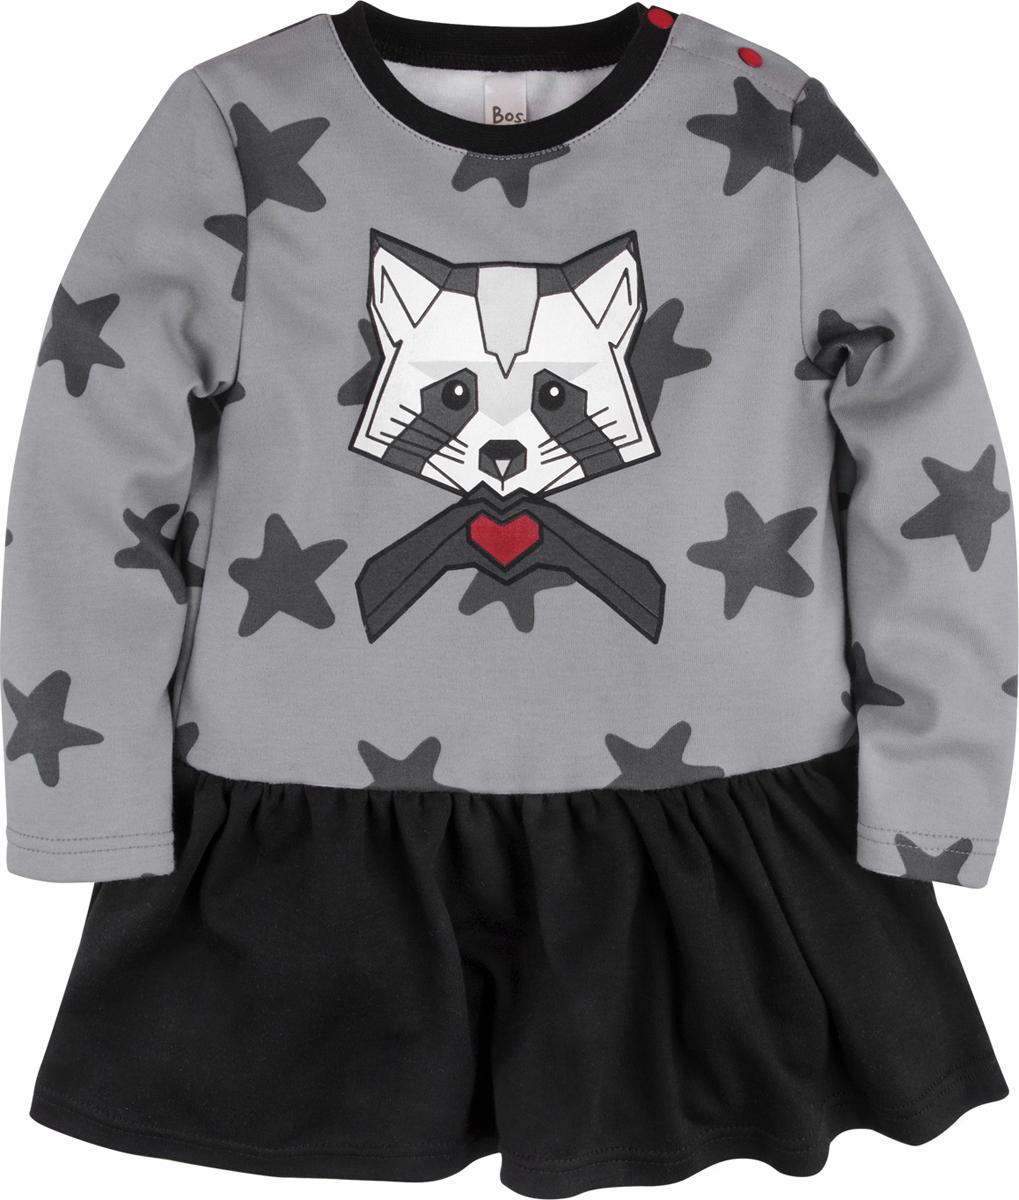 Платье детское Bossa Nova Panda Baby, цвет: серый, черный. 152Б-371. Размер 86152Б-371Комбинированное платье Bossa Nova трапециевидного силуэта. Верх выполнен из набивного трикотажа, юбка из однотонного трикотажа. Детали: принт, застежка на контрастную кнопку на плече.